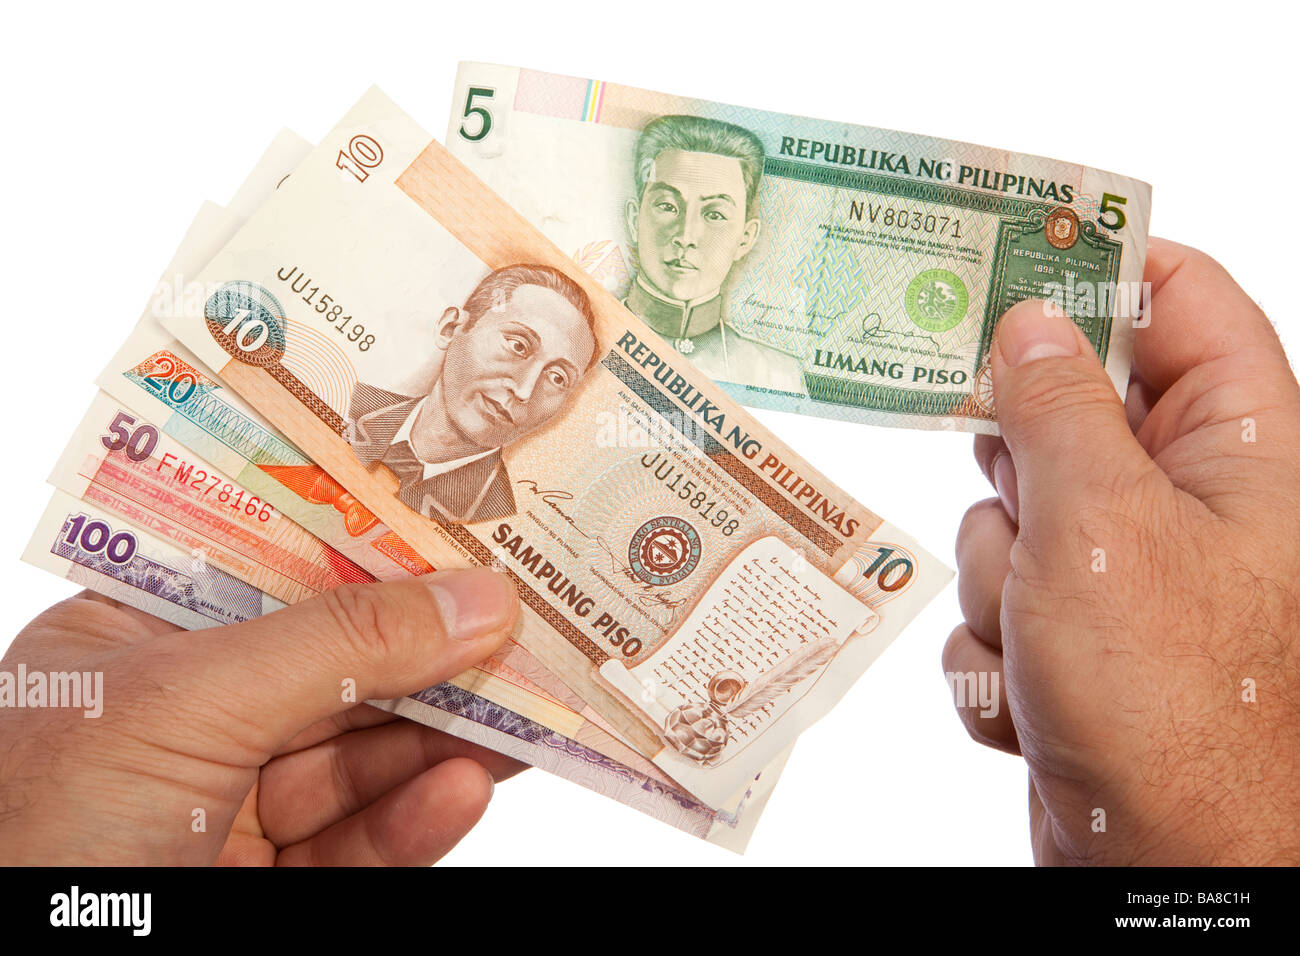 Maschio di denaro mani manciata di valuta delle Filippine Immagini Stock